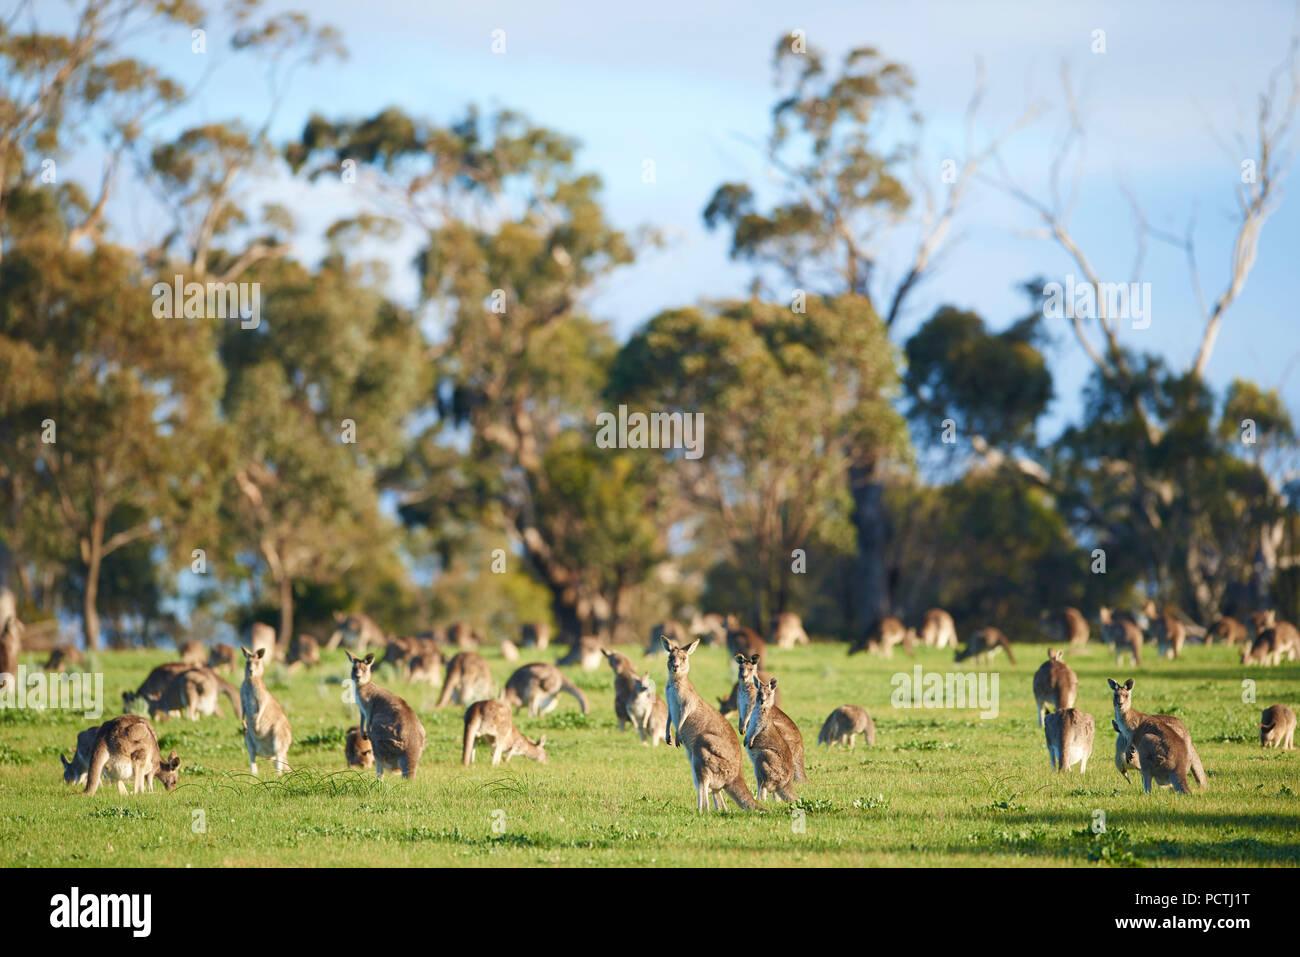 Kangaroo pack, Orientale Canguro grigio (Macropus giganteus), prati, in piedi, Victoria, Australia, Oceania Foto Stock